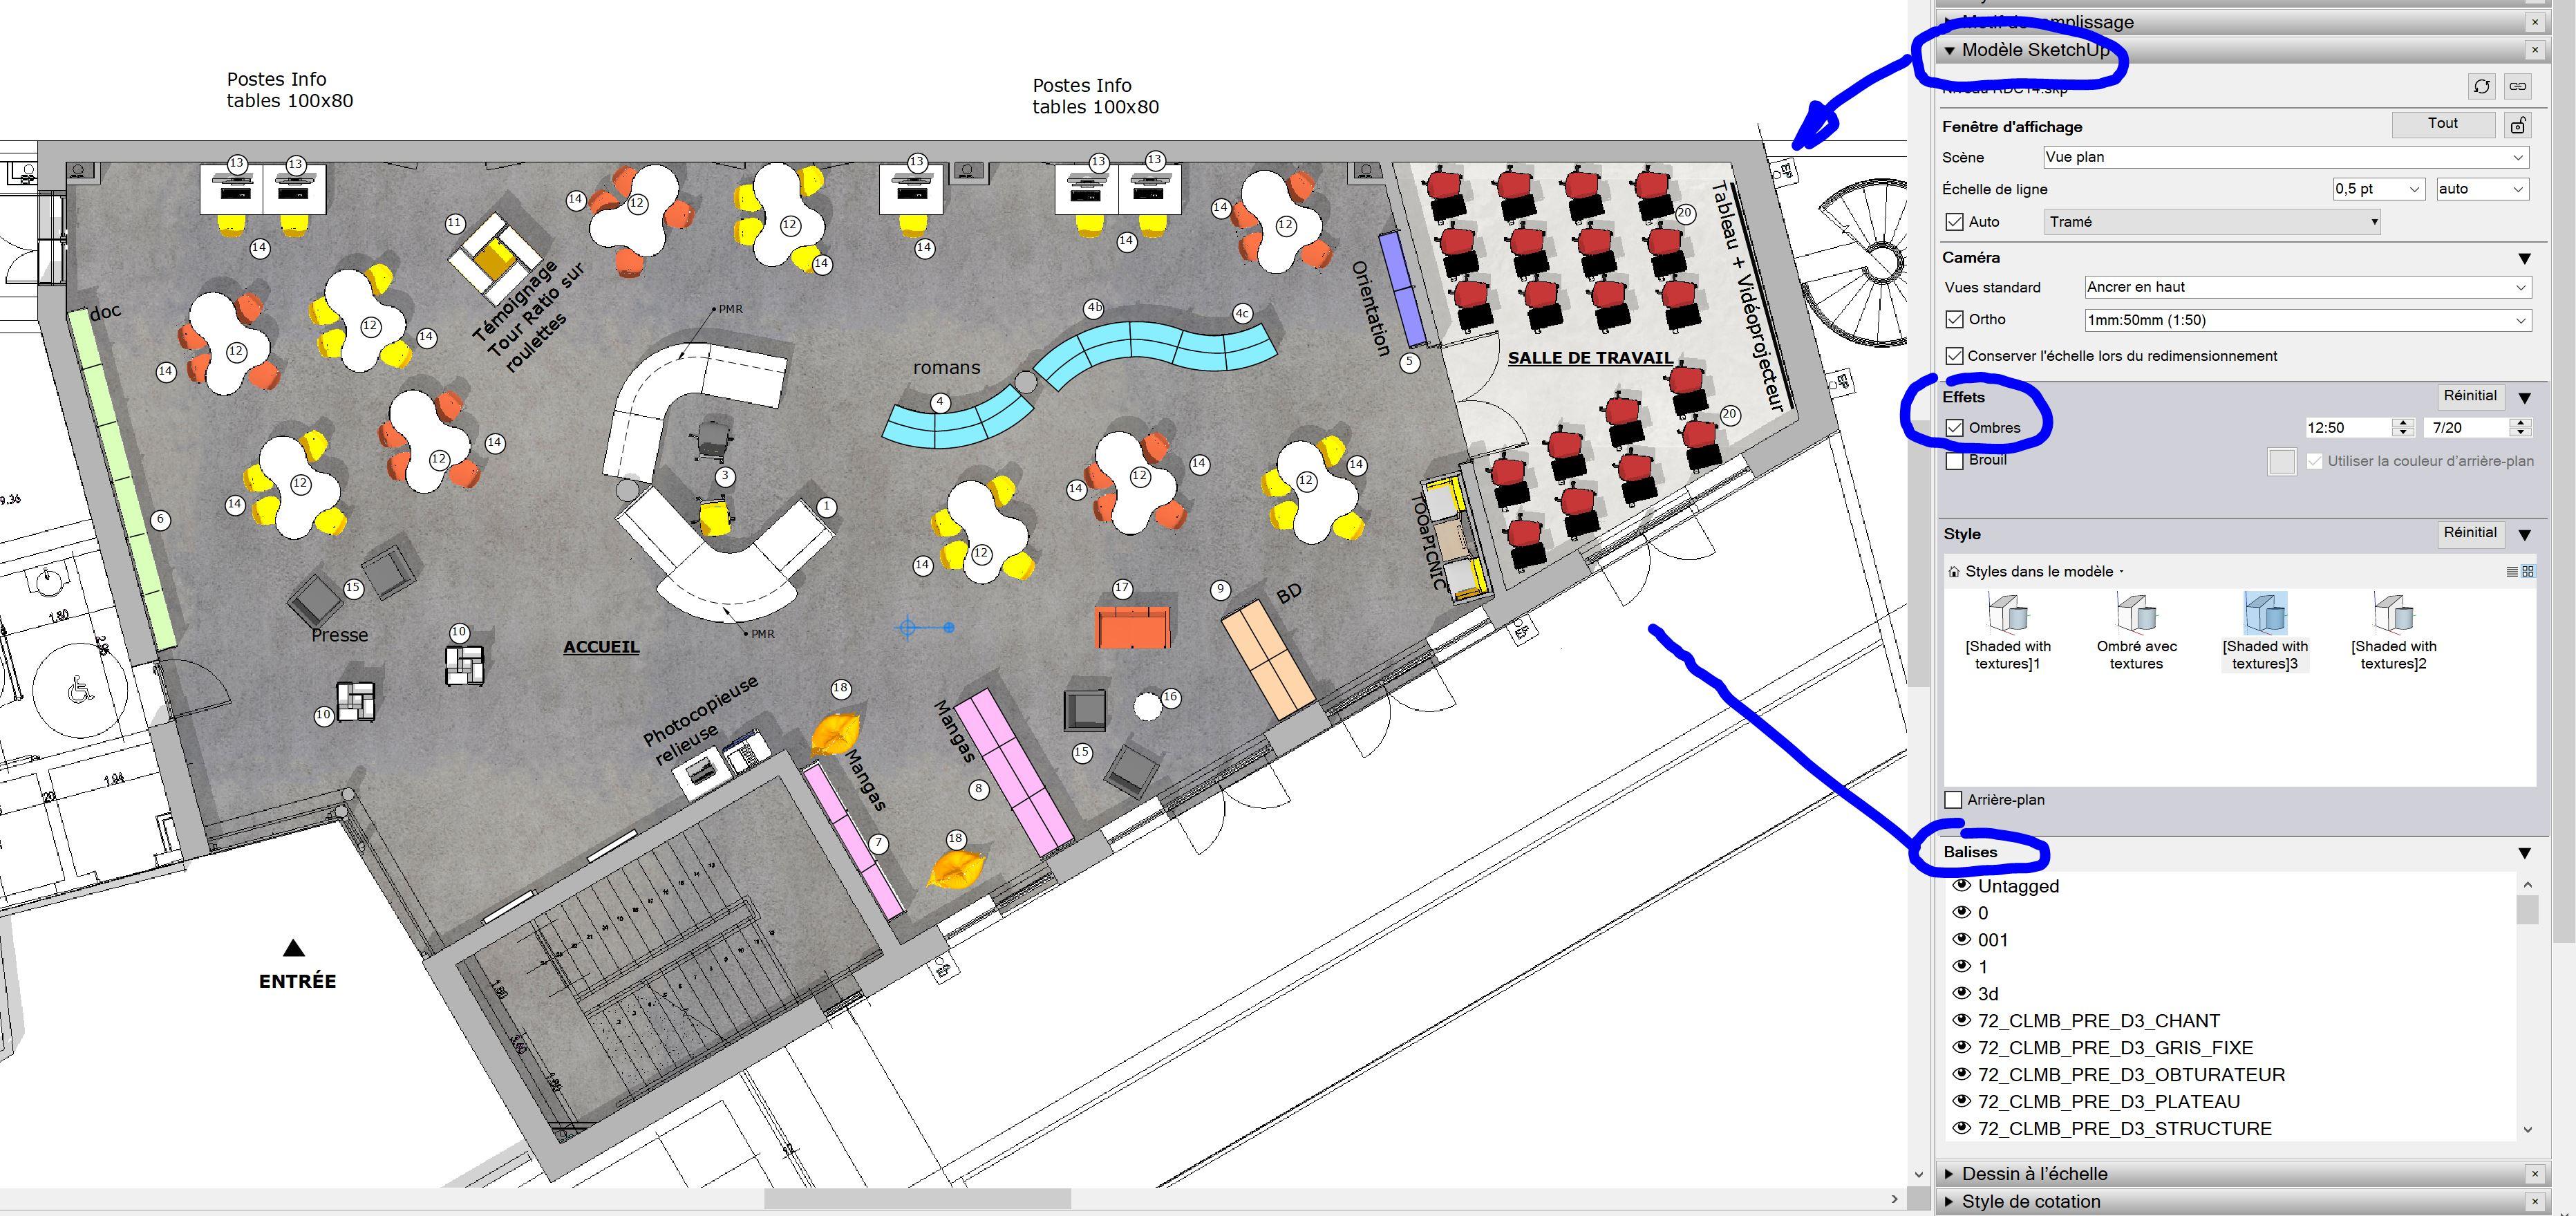 [ SKETCHUP généralité ] Comment retrouver les calques ou balises d'un modèles skp dans layout ? Captu211